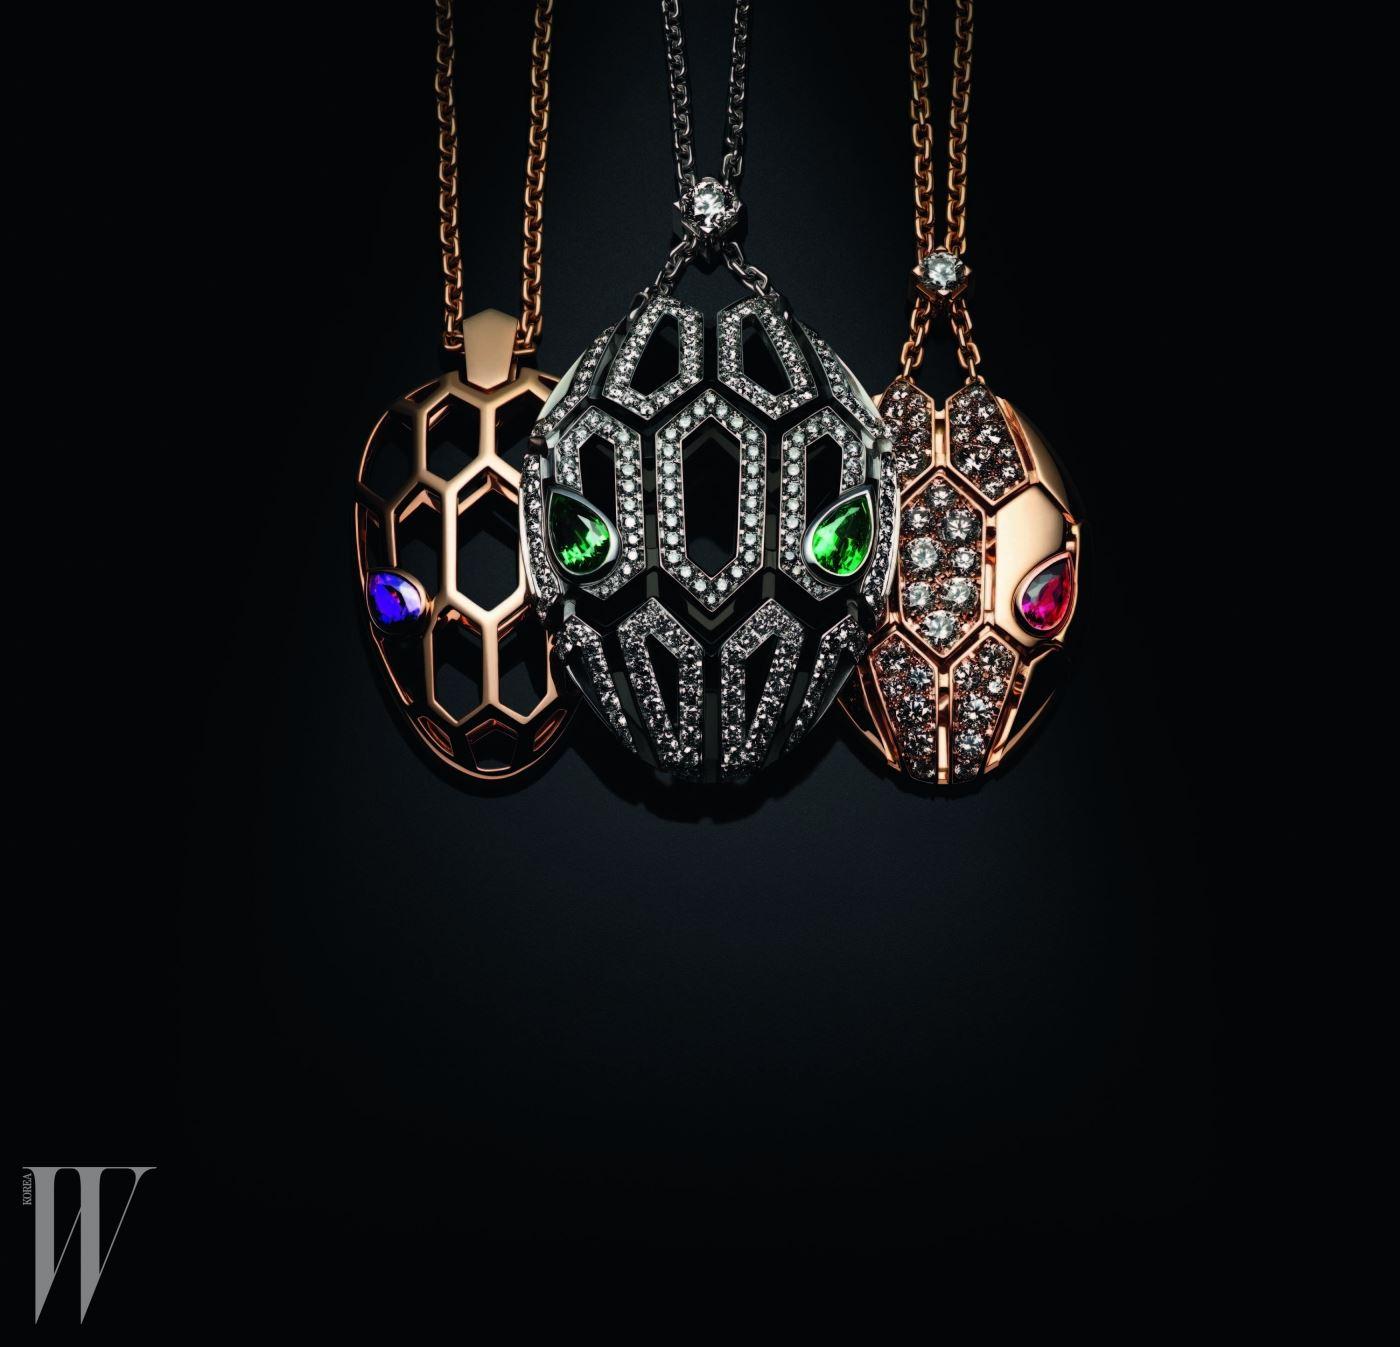 다채로운 색상의 원석이 각기 다른 매력을 뿜어내는 불가리의 뉴 세르펜티 컬렉션